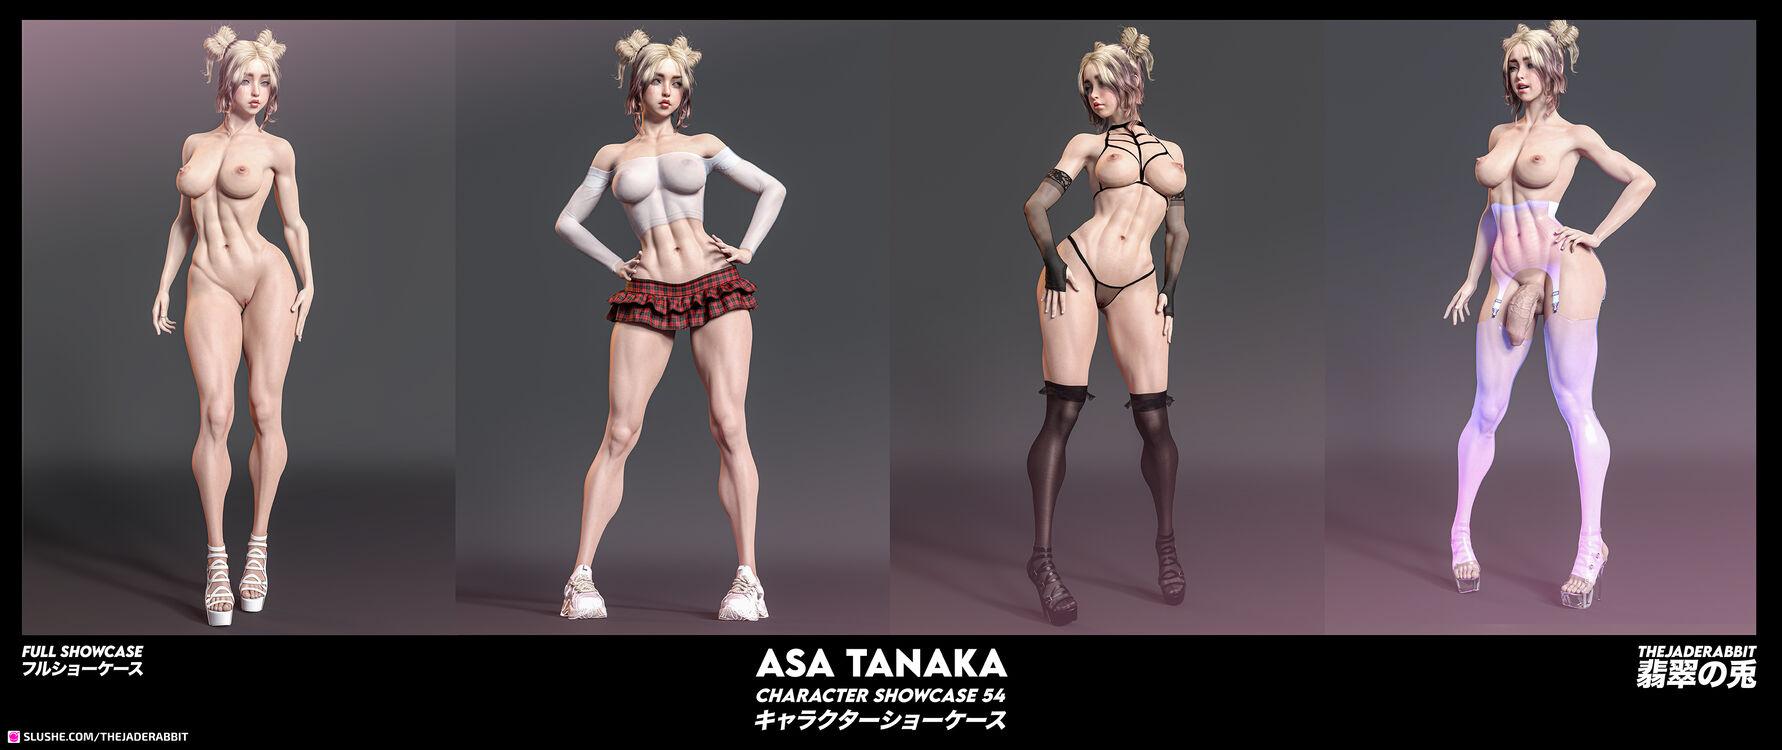 050 Asa Tanaka - Full Showcase